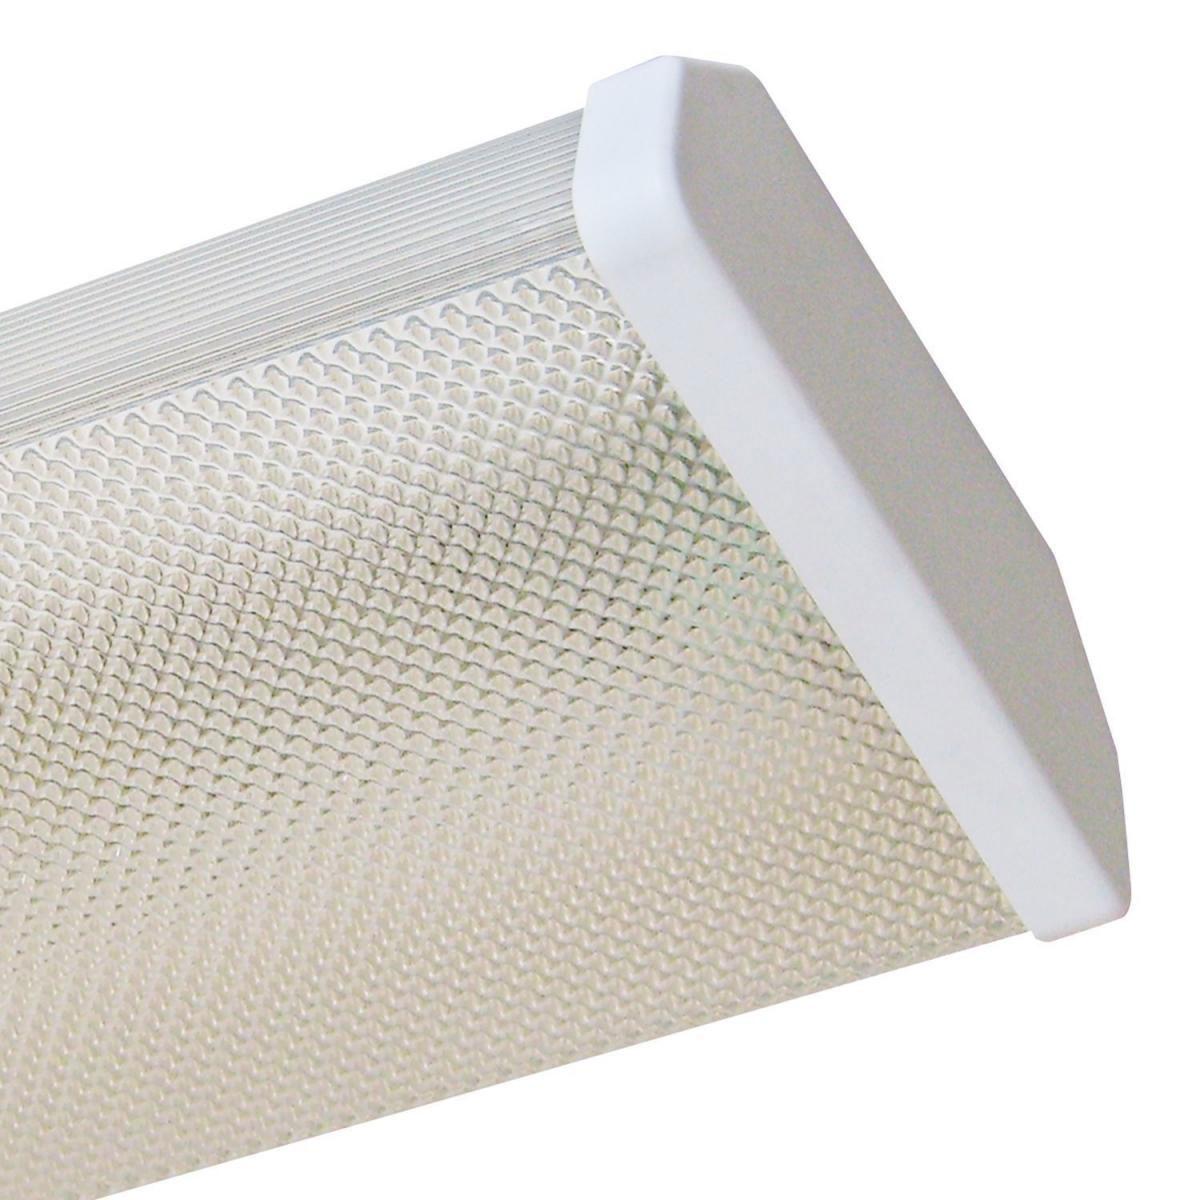 """Deckenleuchten - LED Wand Deckenleuchten """"Prisma 120"""", 122,7x16,4x5,9 cm 122,7x16,4x5,9 cm cm cm  - Onlineshop Hellweg"""